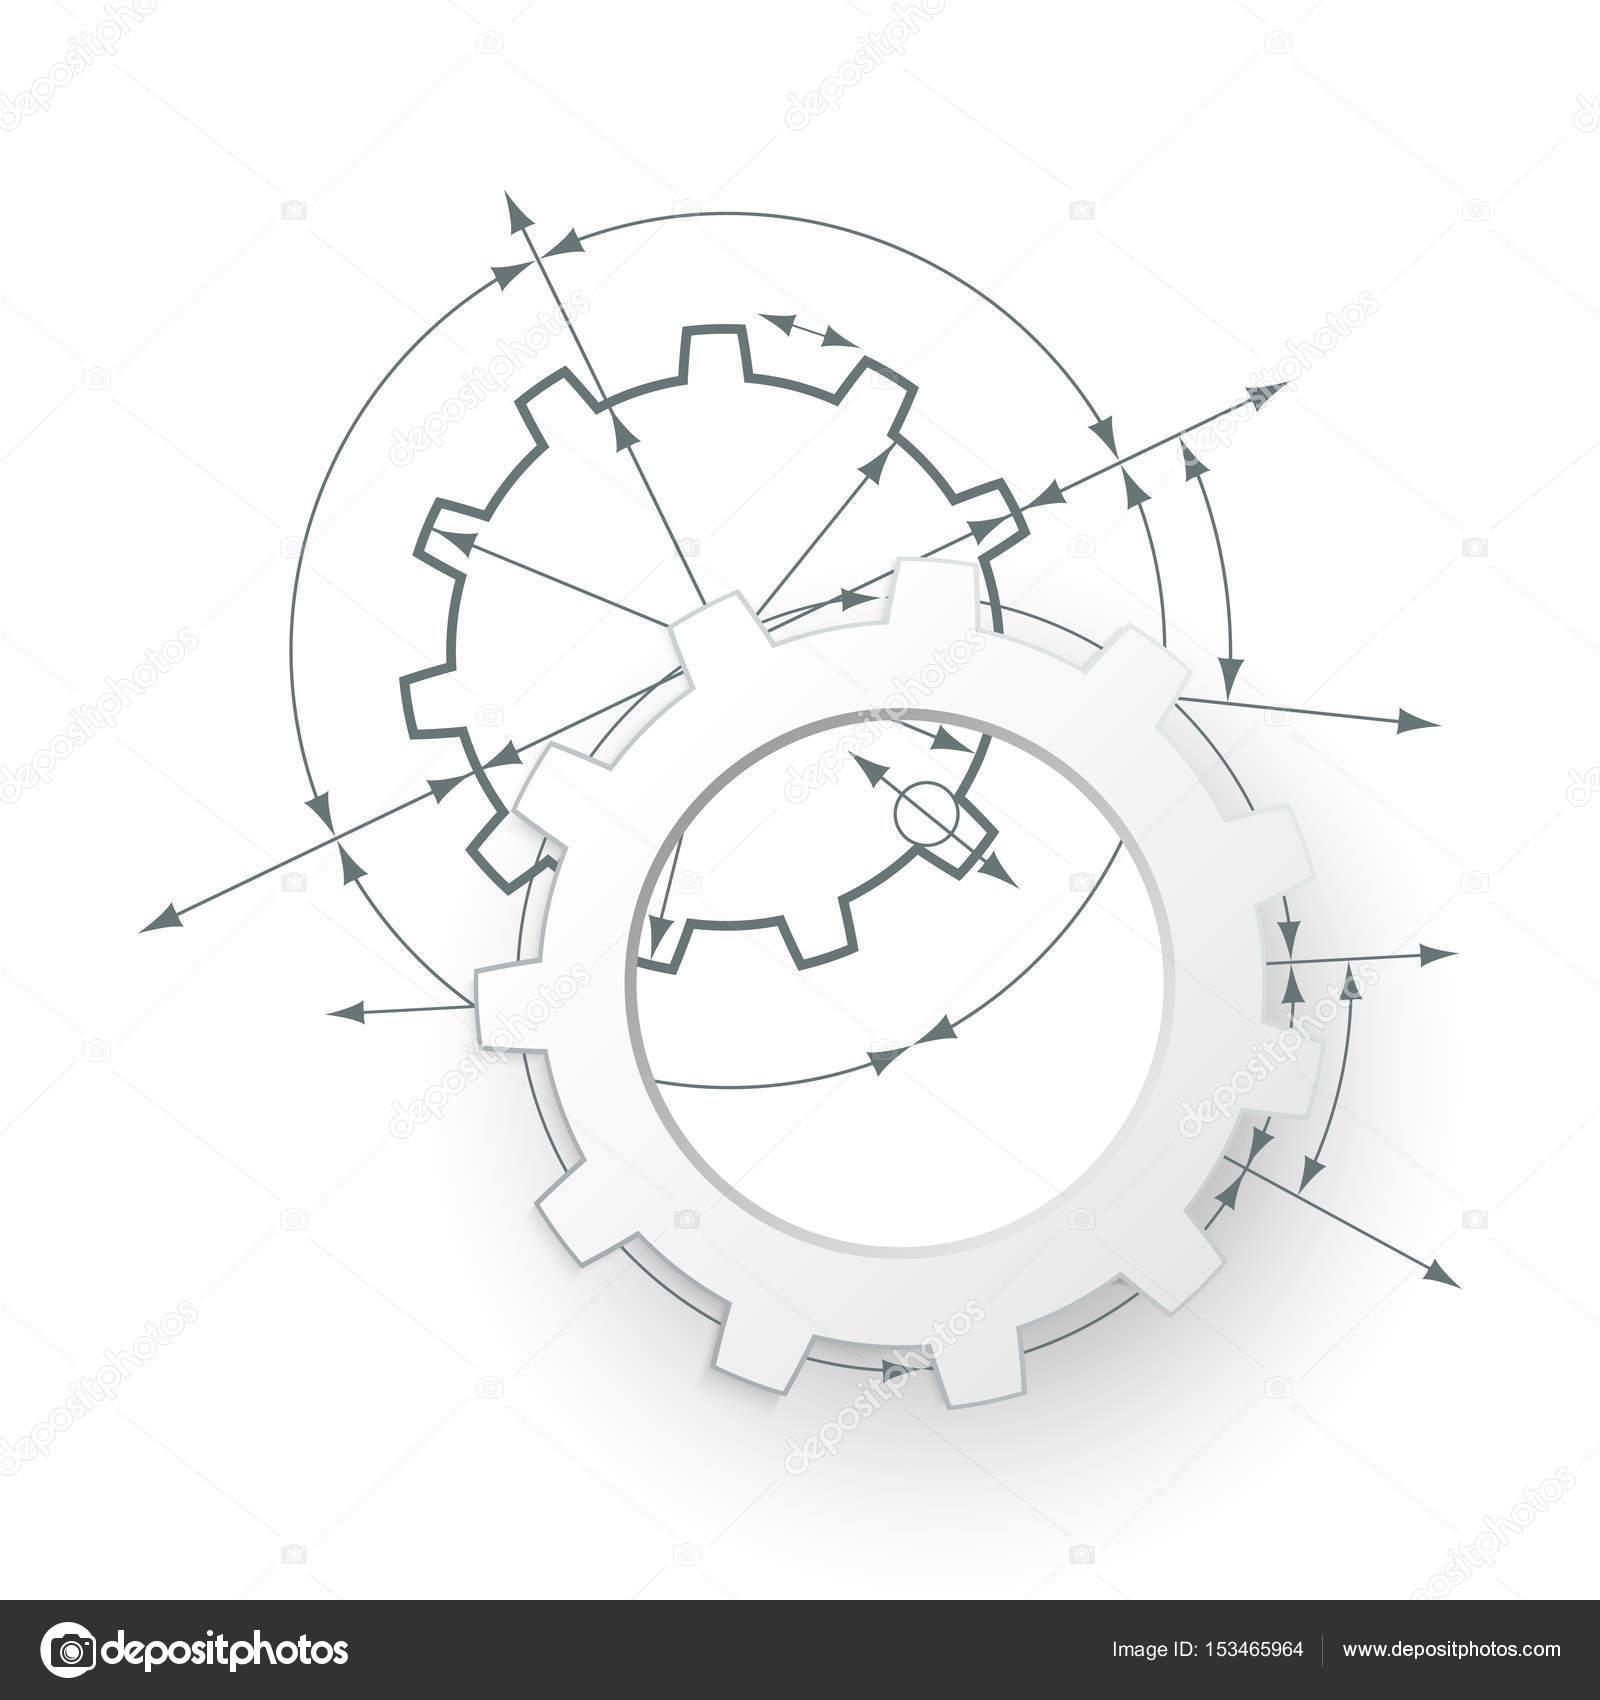 Prevodovka V Angazma Technicky Vykres Prumyslove Pozadi Abstraktni